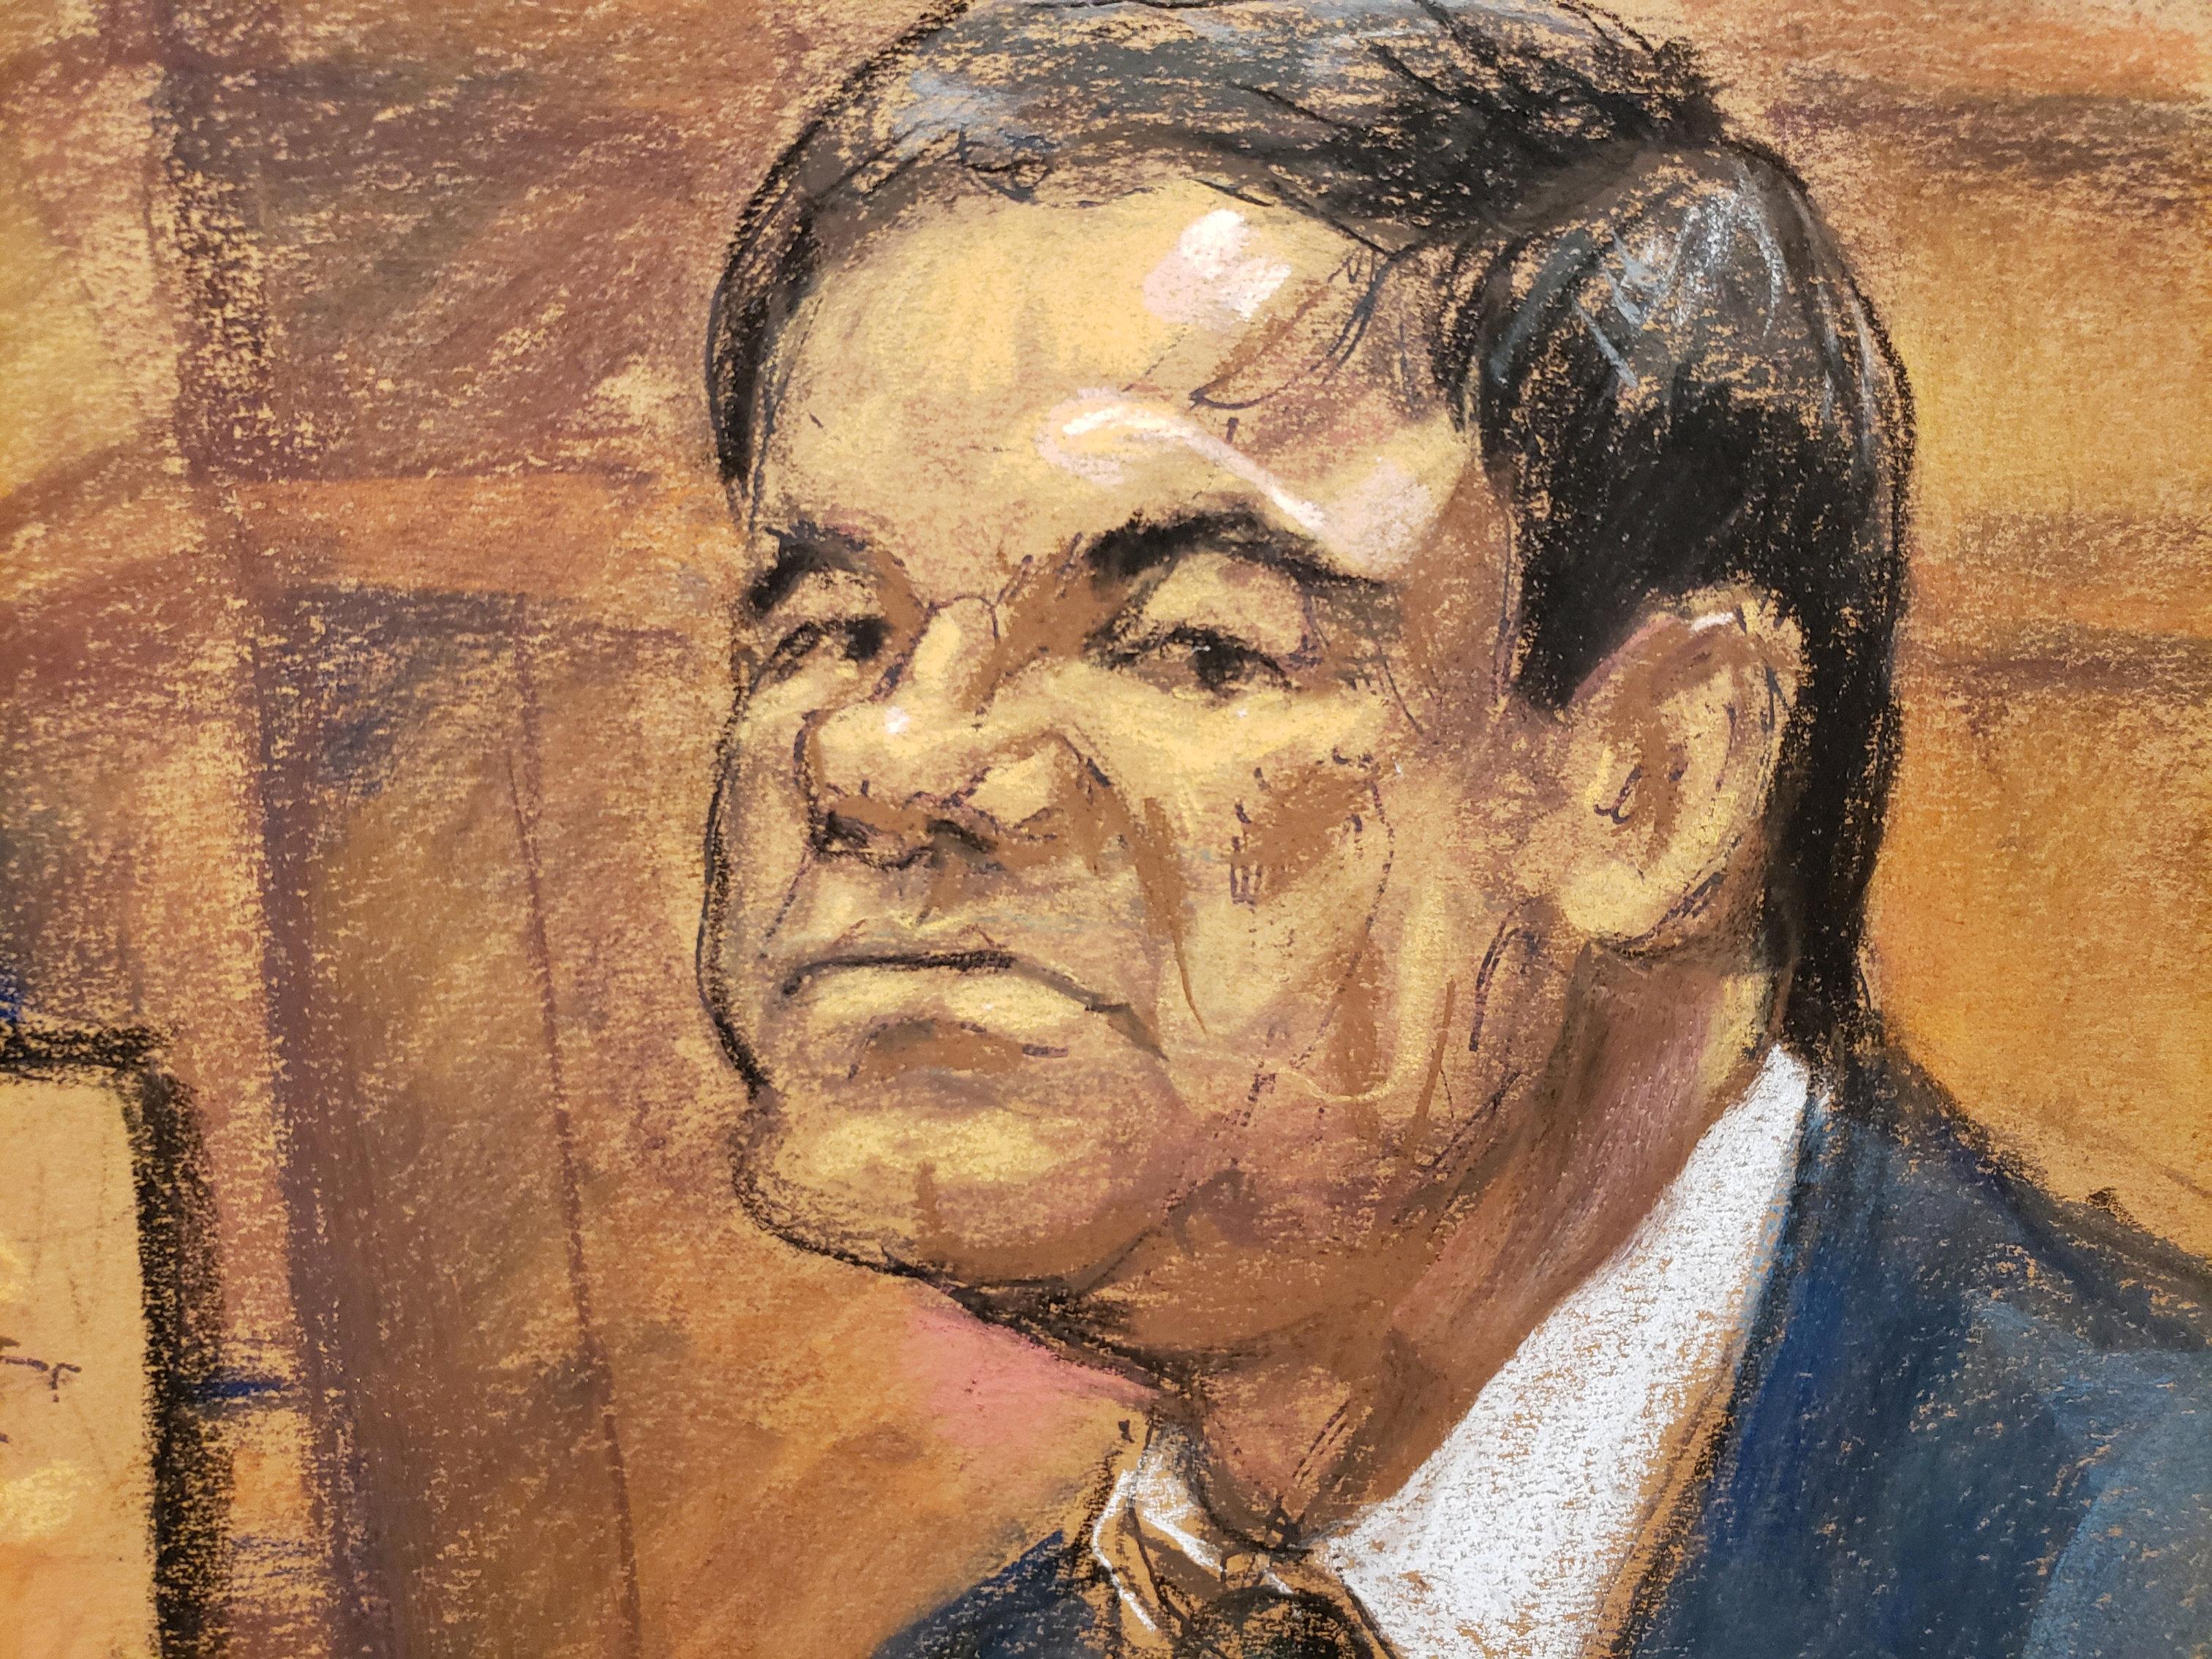 El juicio en contra del capo entró en una pausa por las festividades decembrinas (Foto: REUTERS/Jane Rosenberg)